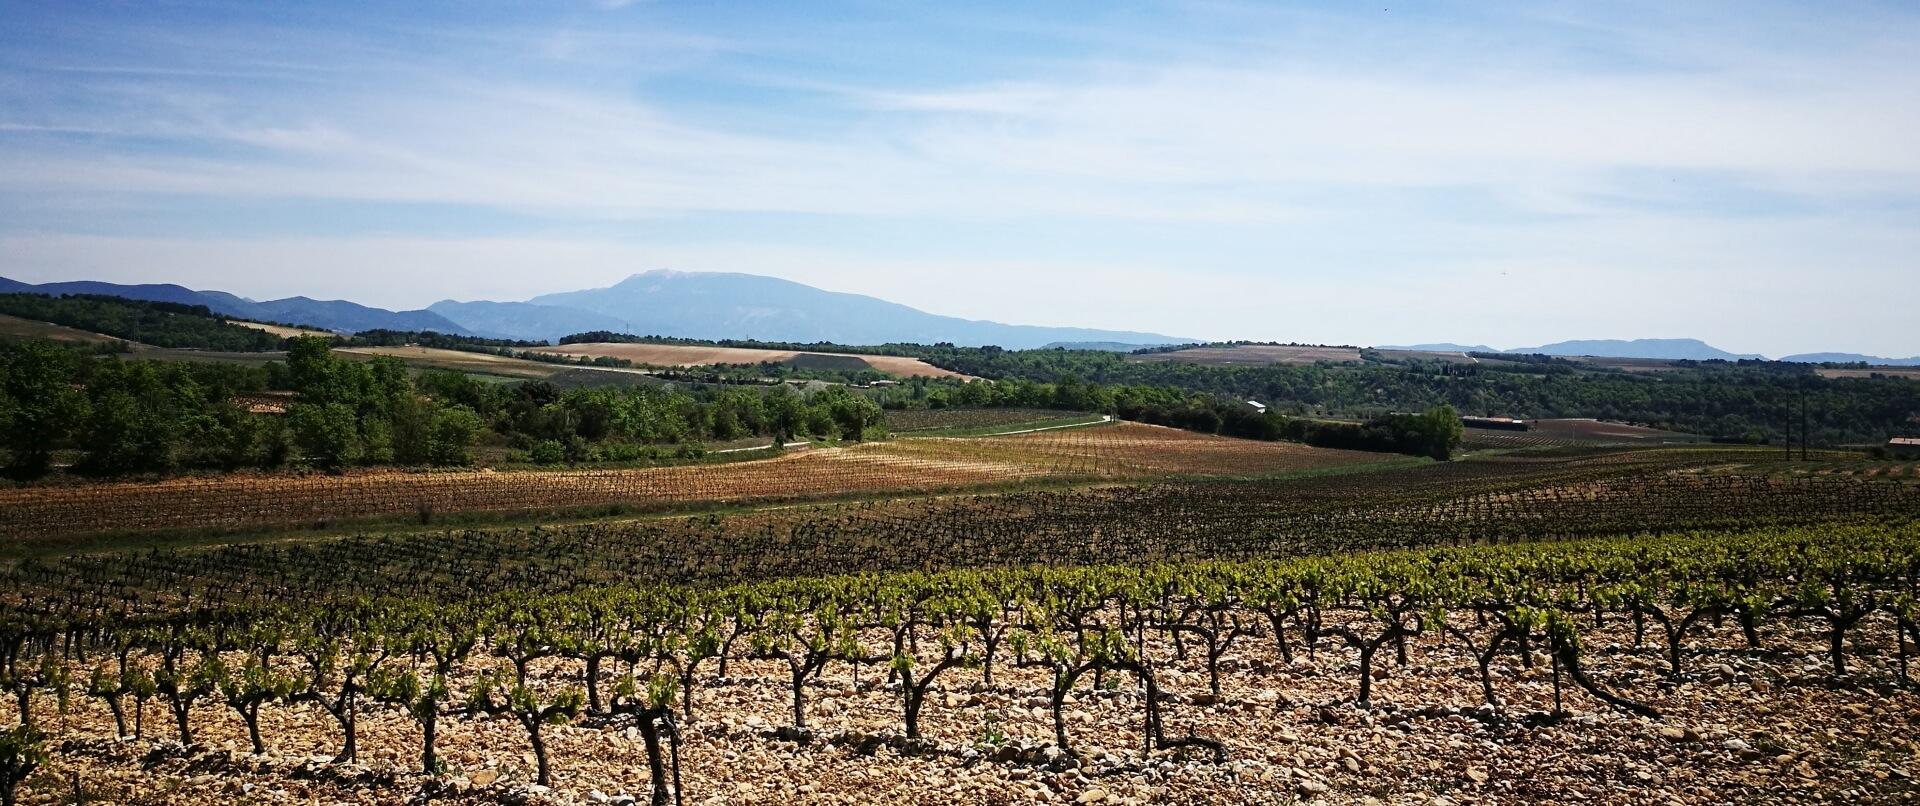 De wijngaarden van Vinsobres met de Mont Ventoux op de achtergrond